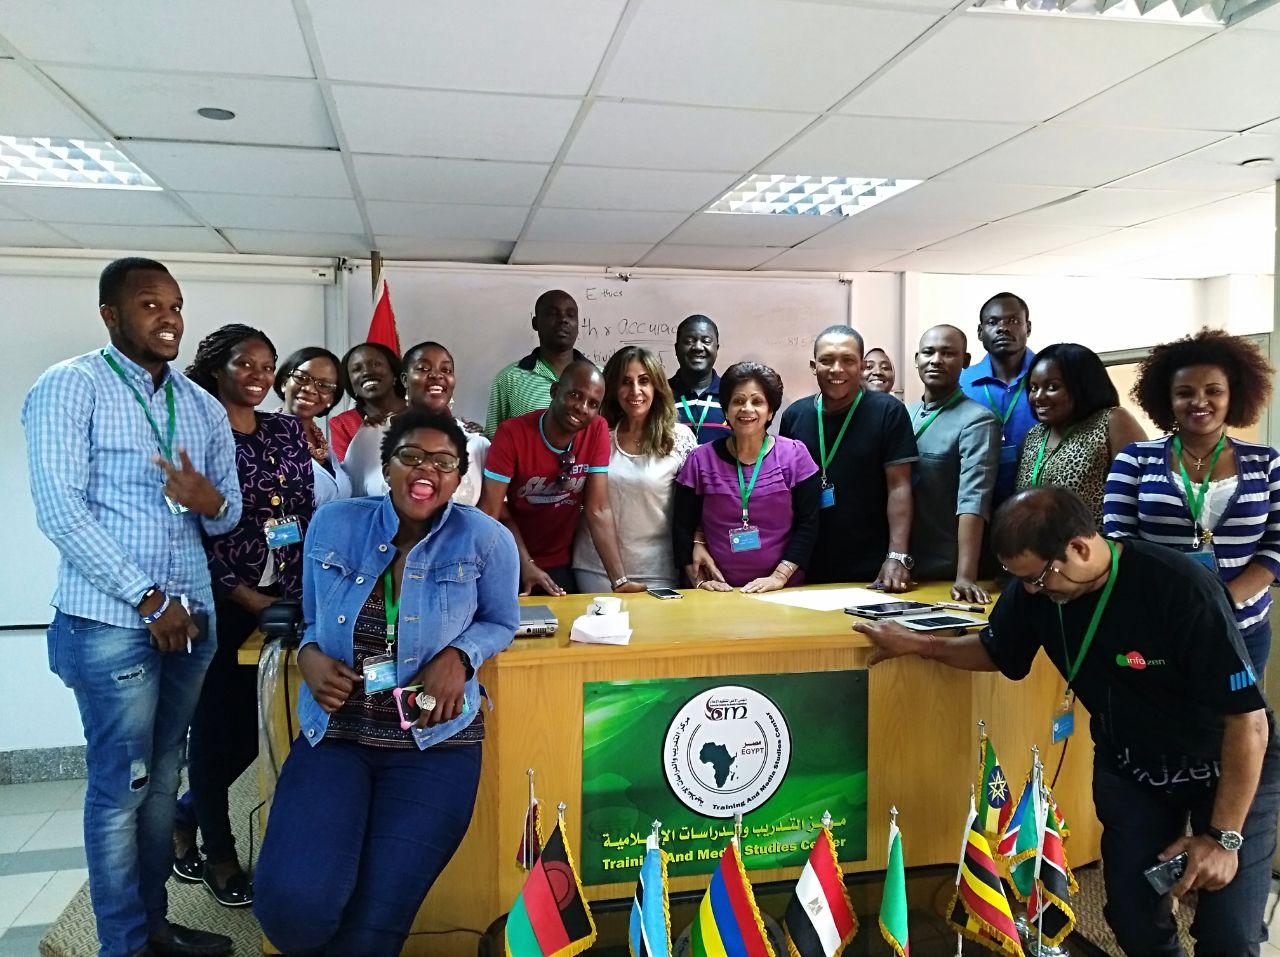 شهيرة أمين تلتقي الإذاعيين الأفارقة في محاضرة عن أخلاقيات الإعلام  (3)